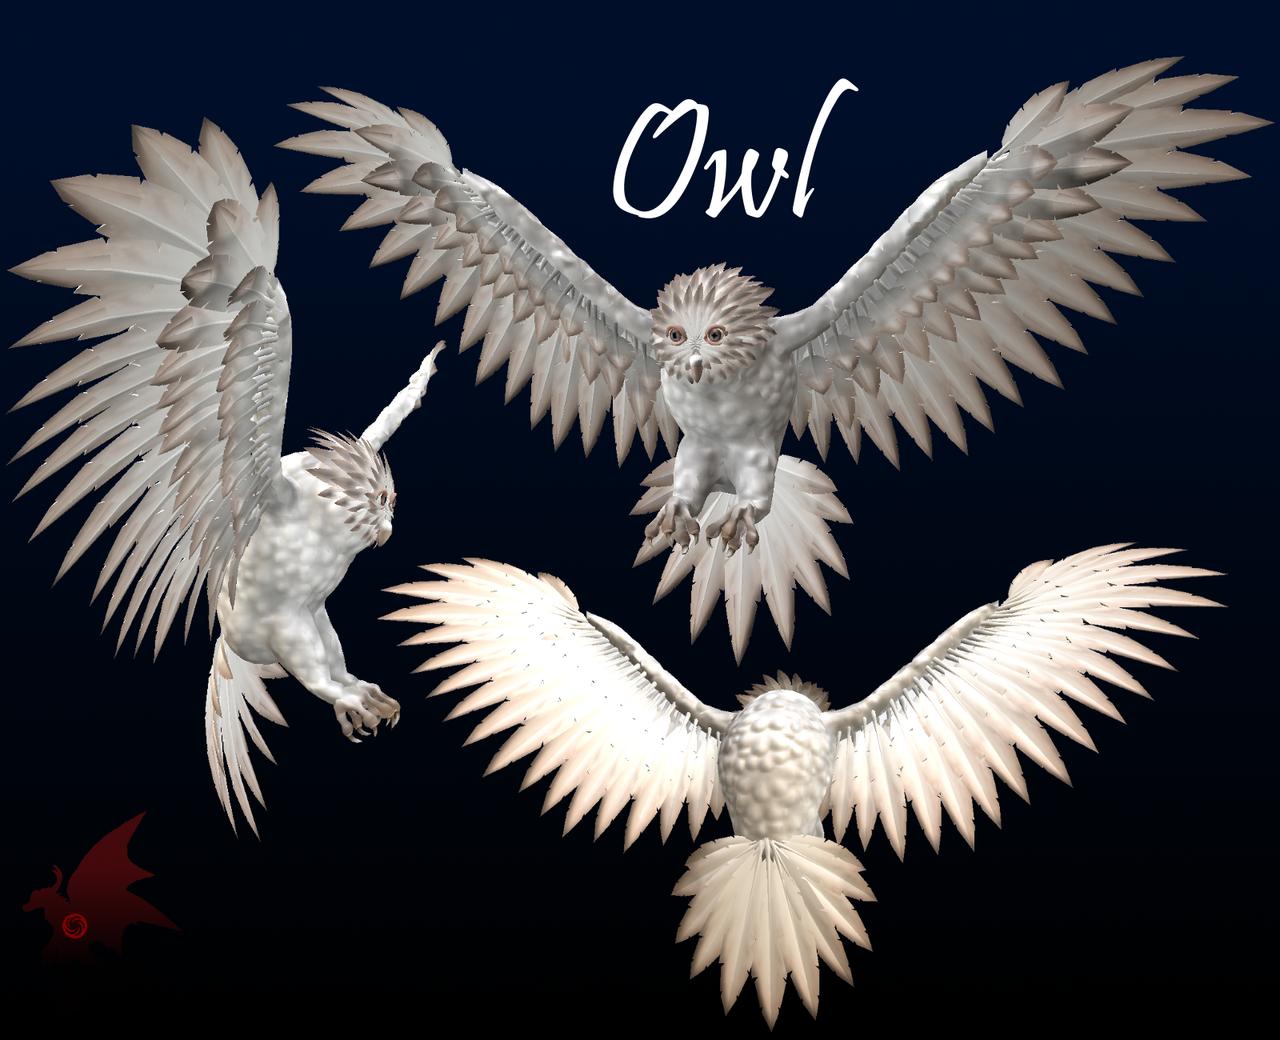 Owl by Nabesima